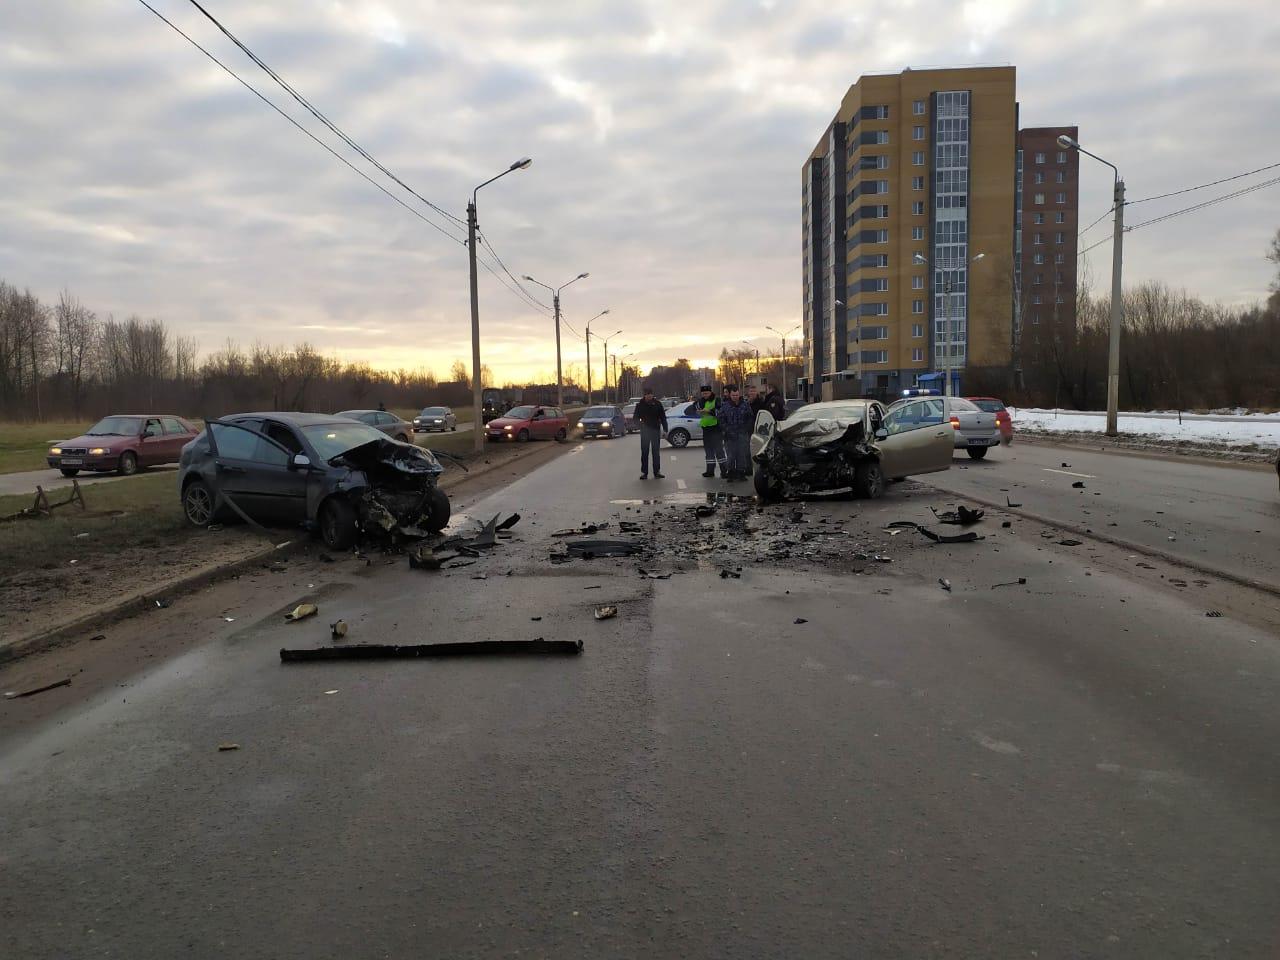 Видеорегистратор запечатлел момент трагического ДТП на улице Красина в Твери - новости Афанасий